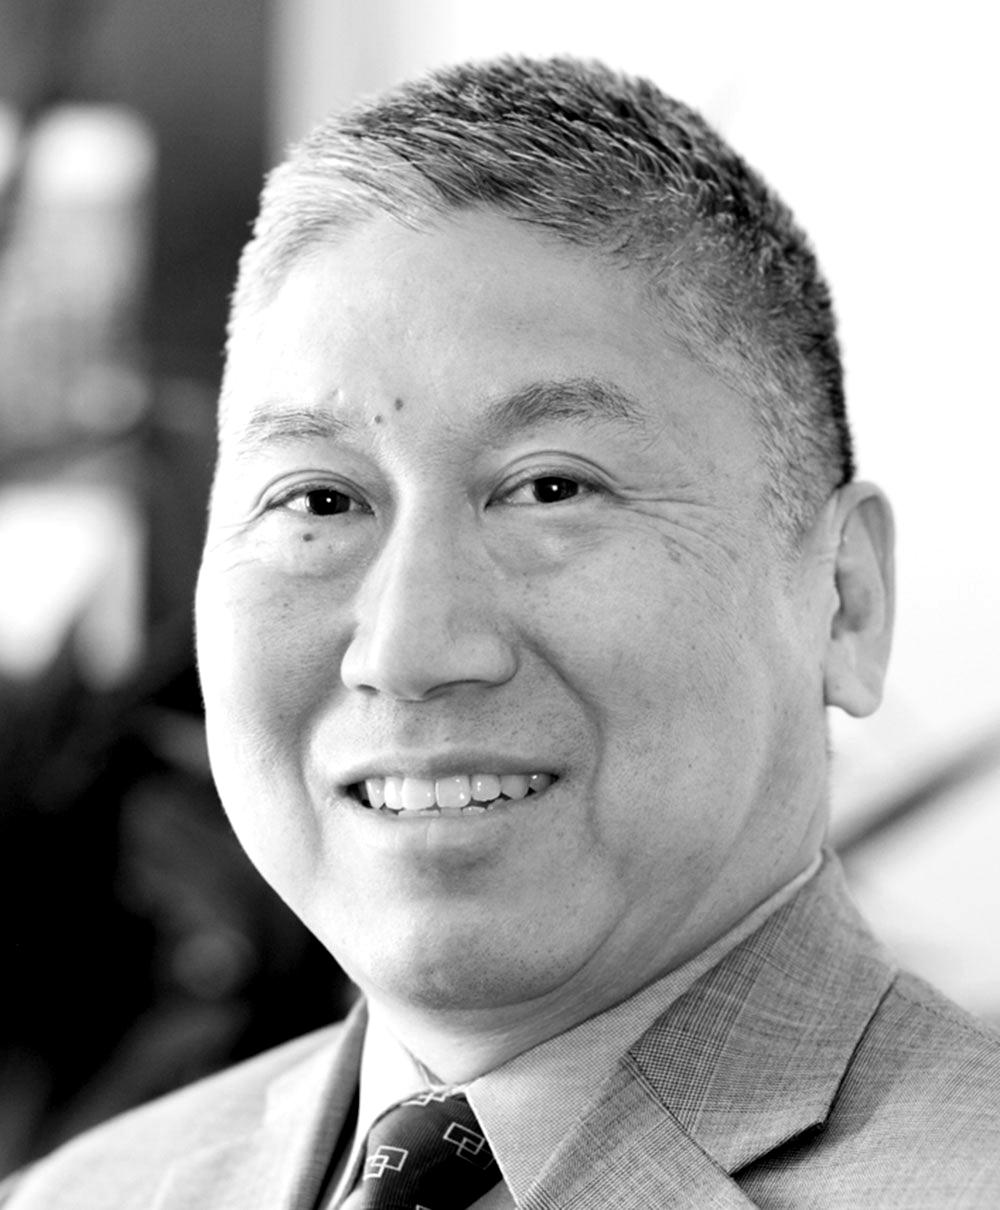 Headshot of Bruce Mori